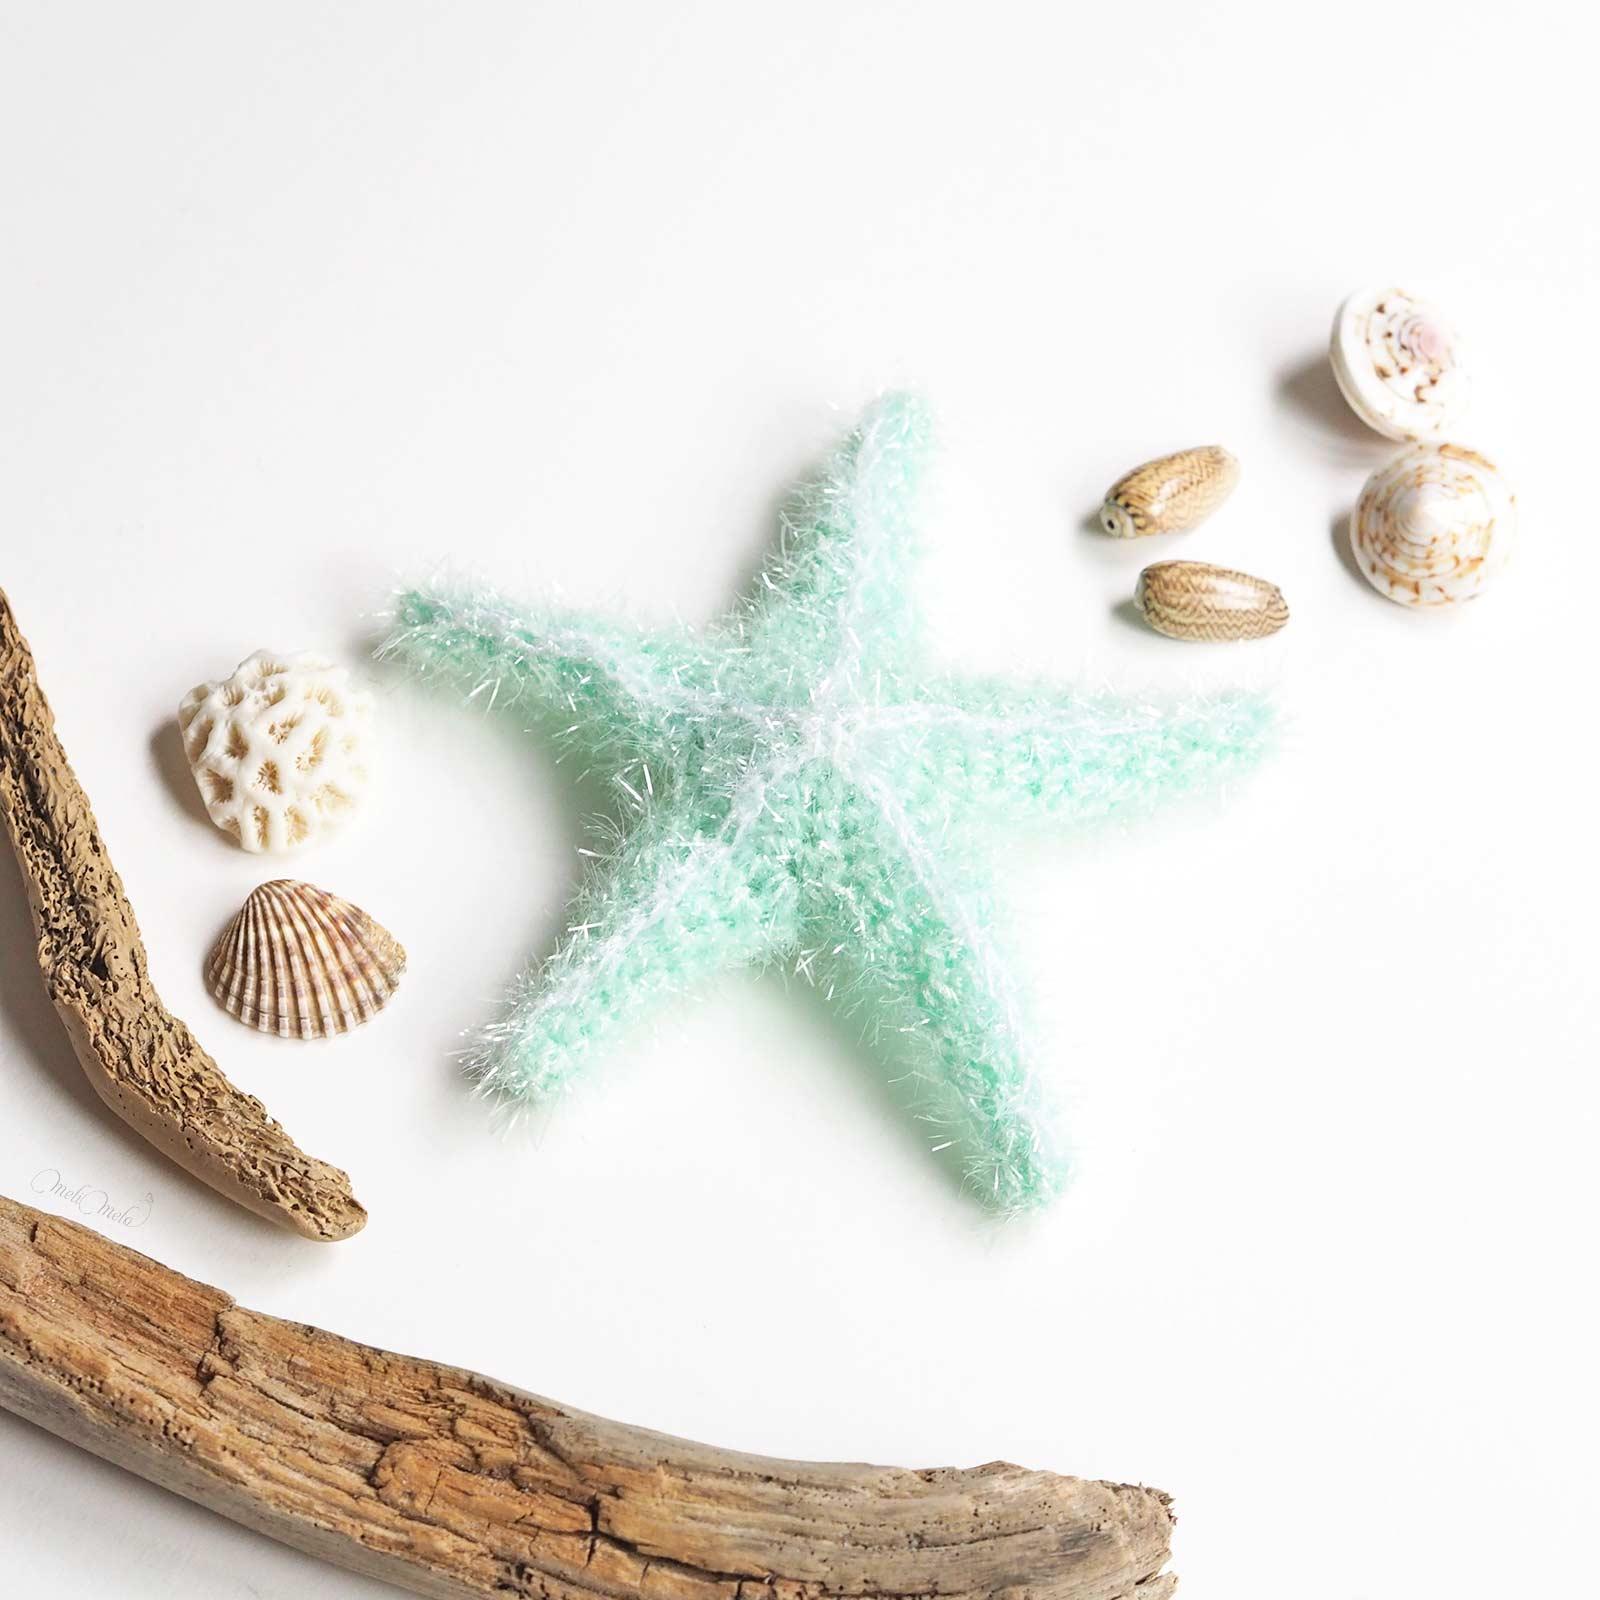 éponge tawashi exfoliante pour corps étoile de mer côté face starfish mint laboutiquedemelimelo